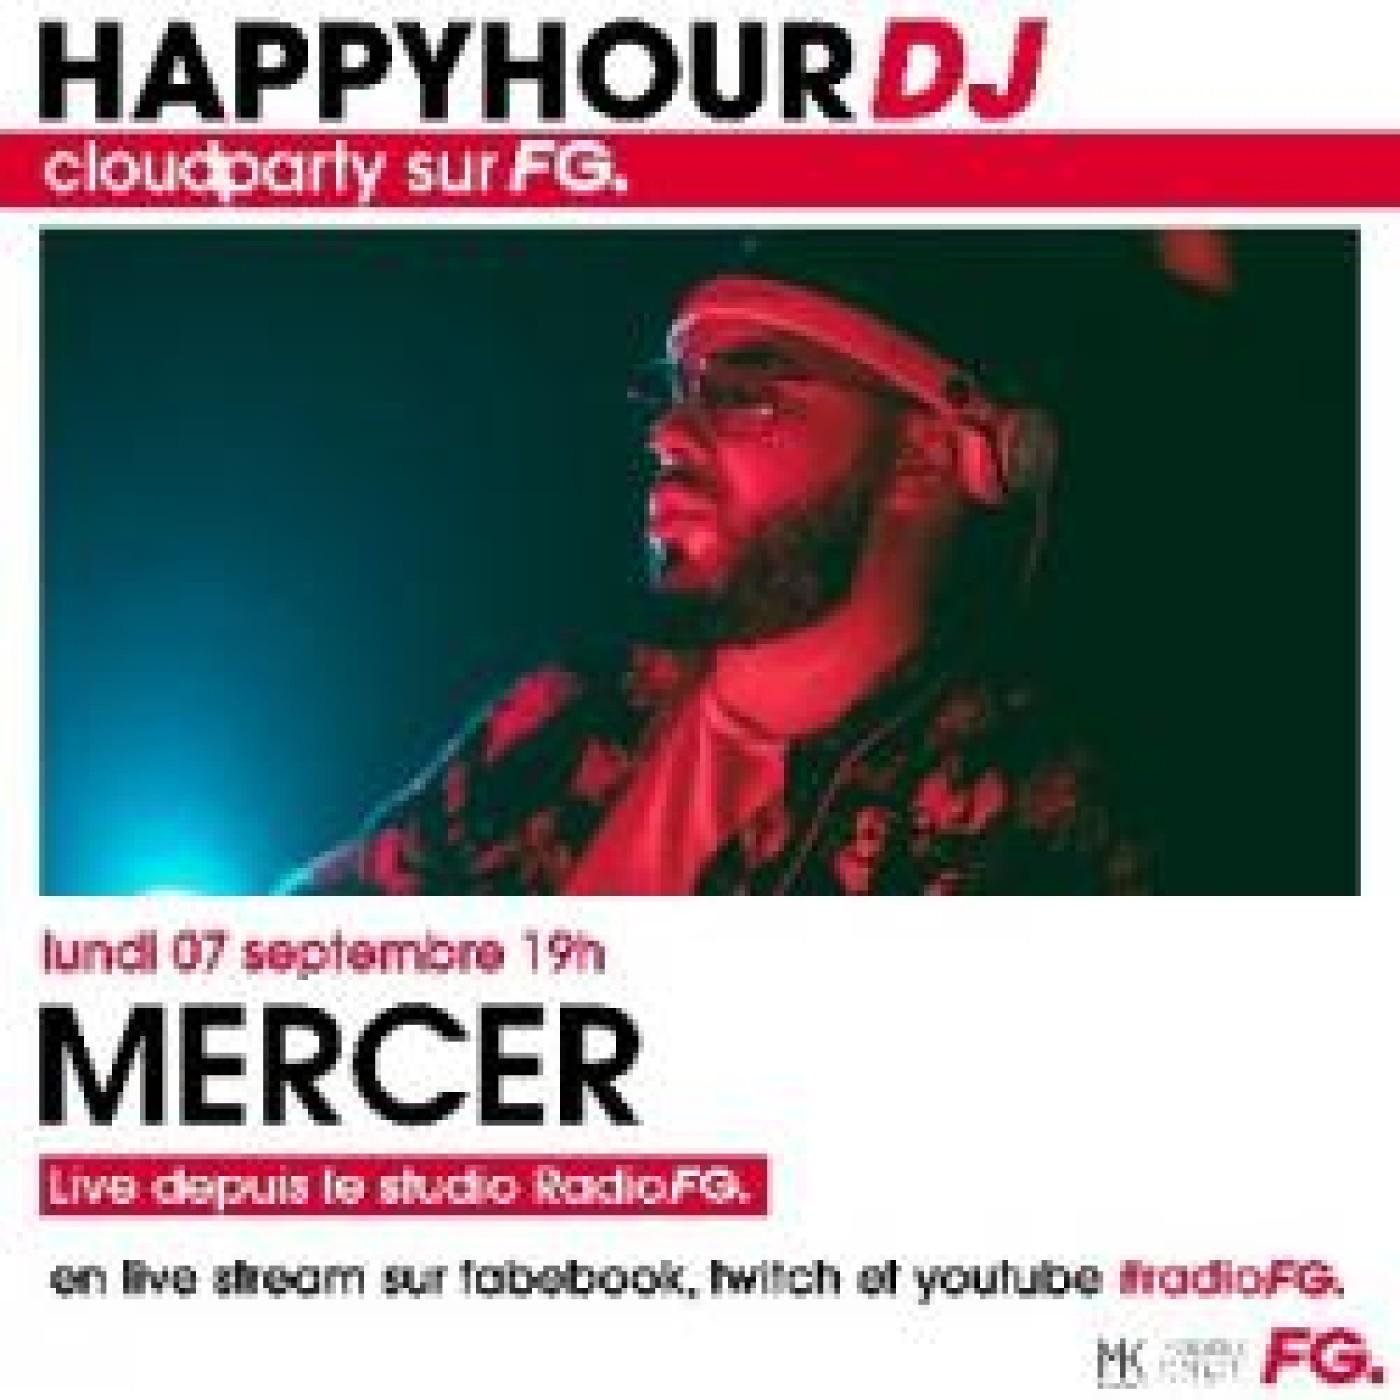 HAPPY HOUR DJ : MERCER